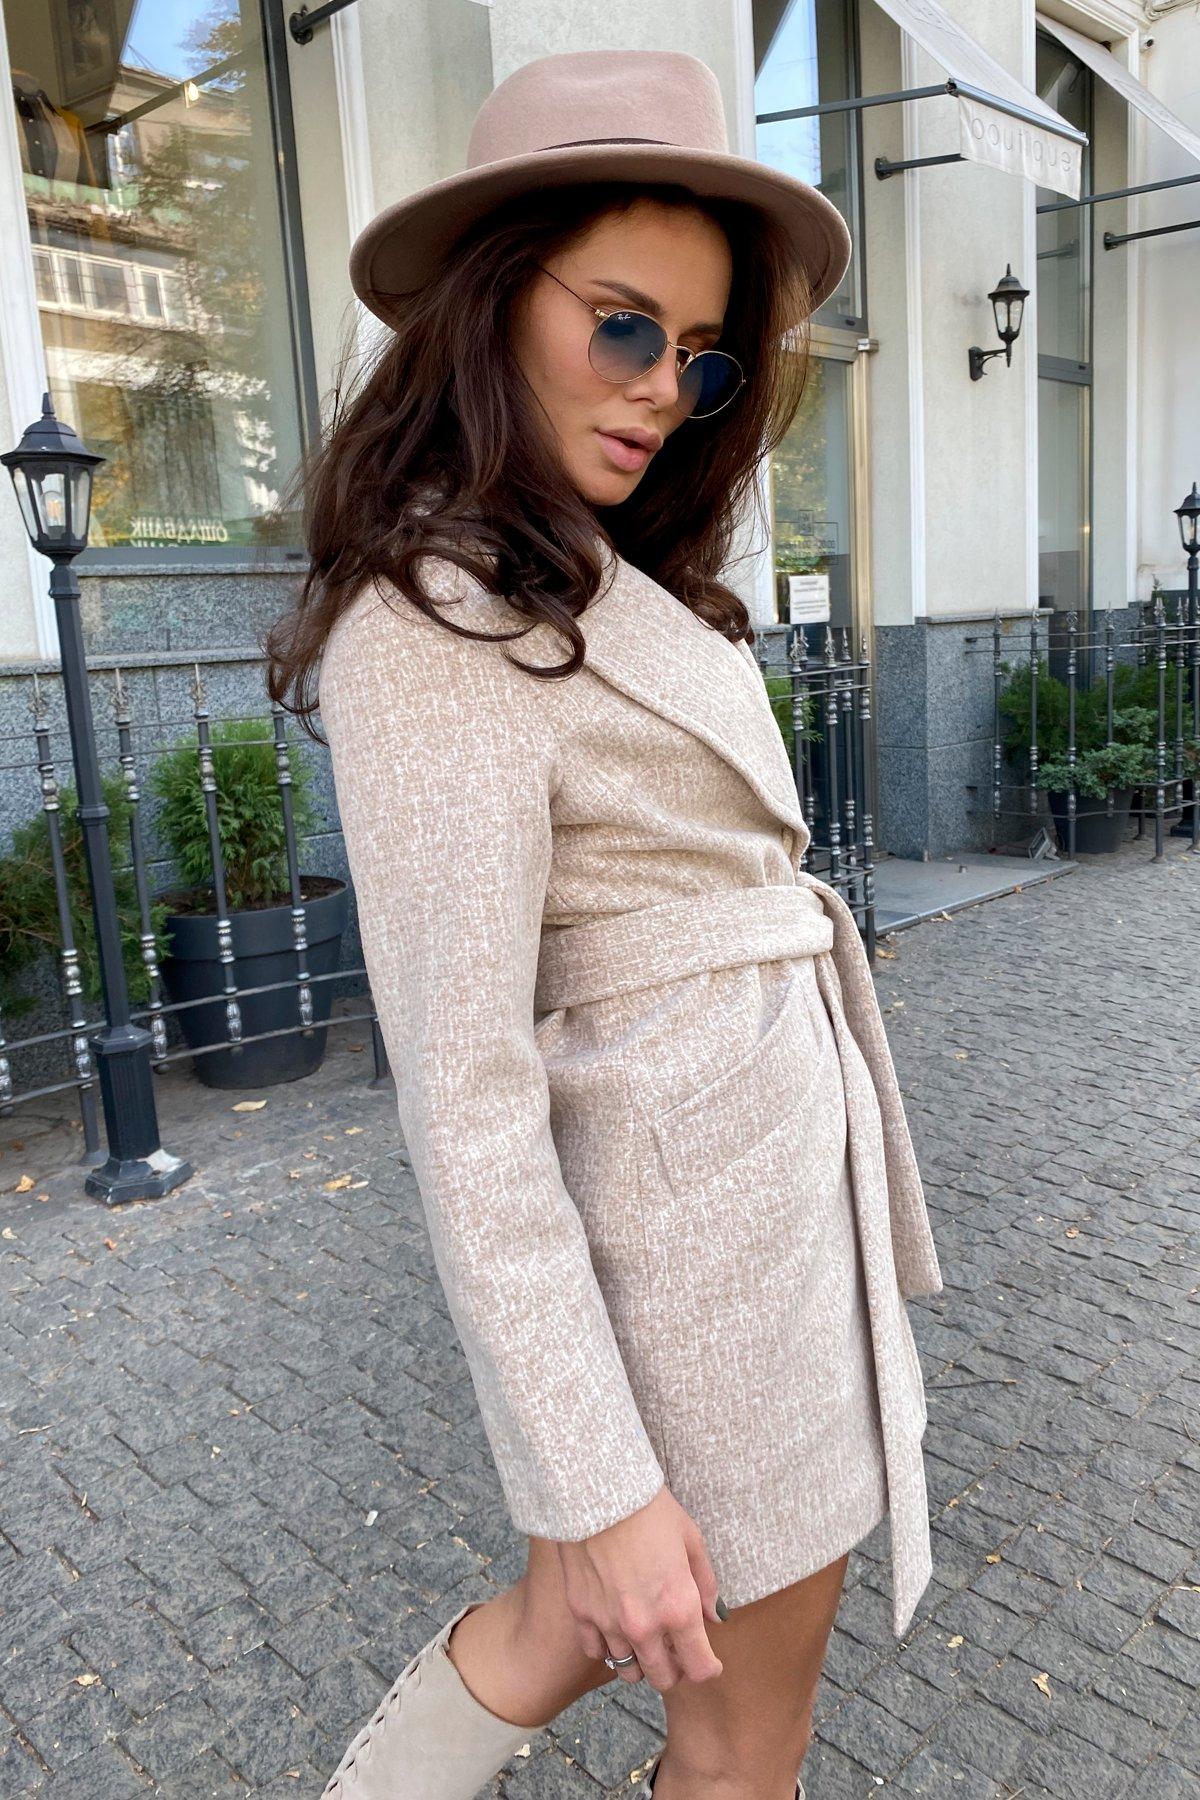 Вейсона кашемир на трикотаже текстурный пальто 9872 АРТ. 46160 Цвет: Бежевый/молоко - фото 14, интернет магазин tm-modus.ru